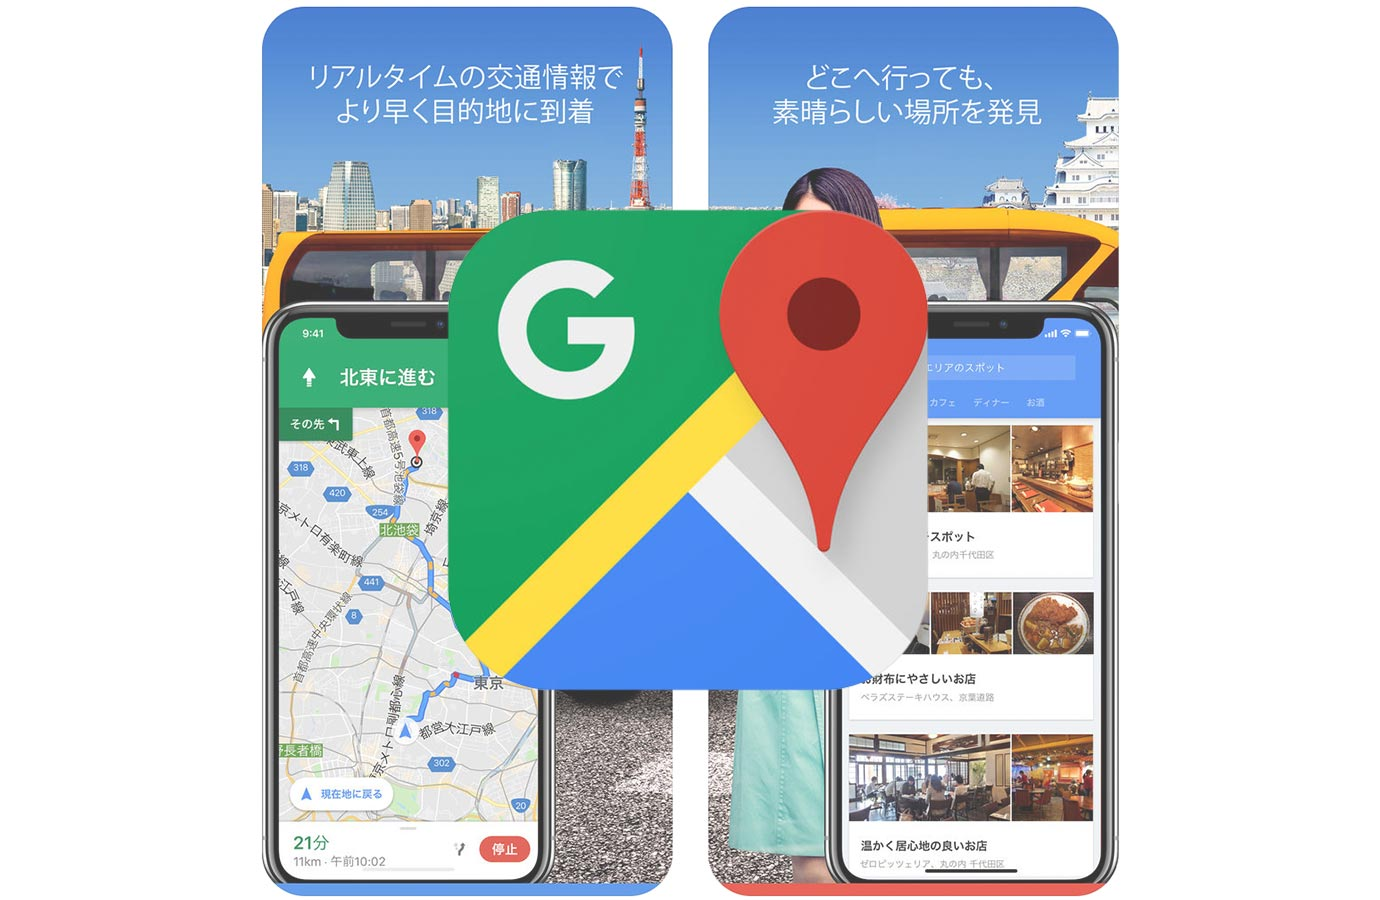 Google、iOSアプリ「Google マップ 5.7」リリース ー 12月24日にサンタの現在地を確認可能に